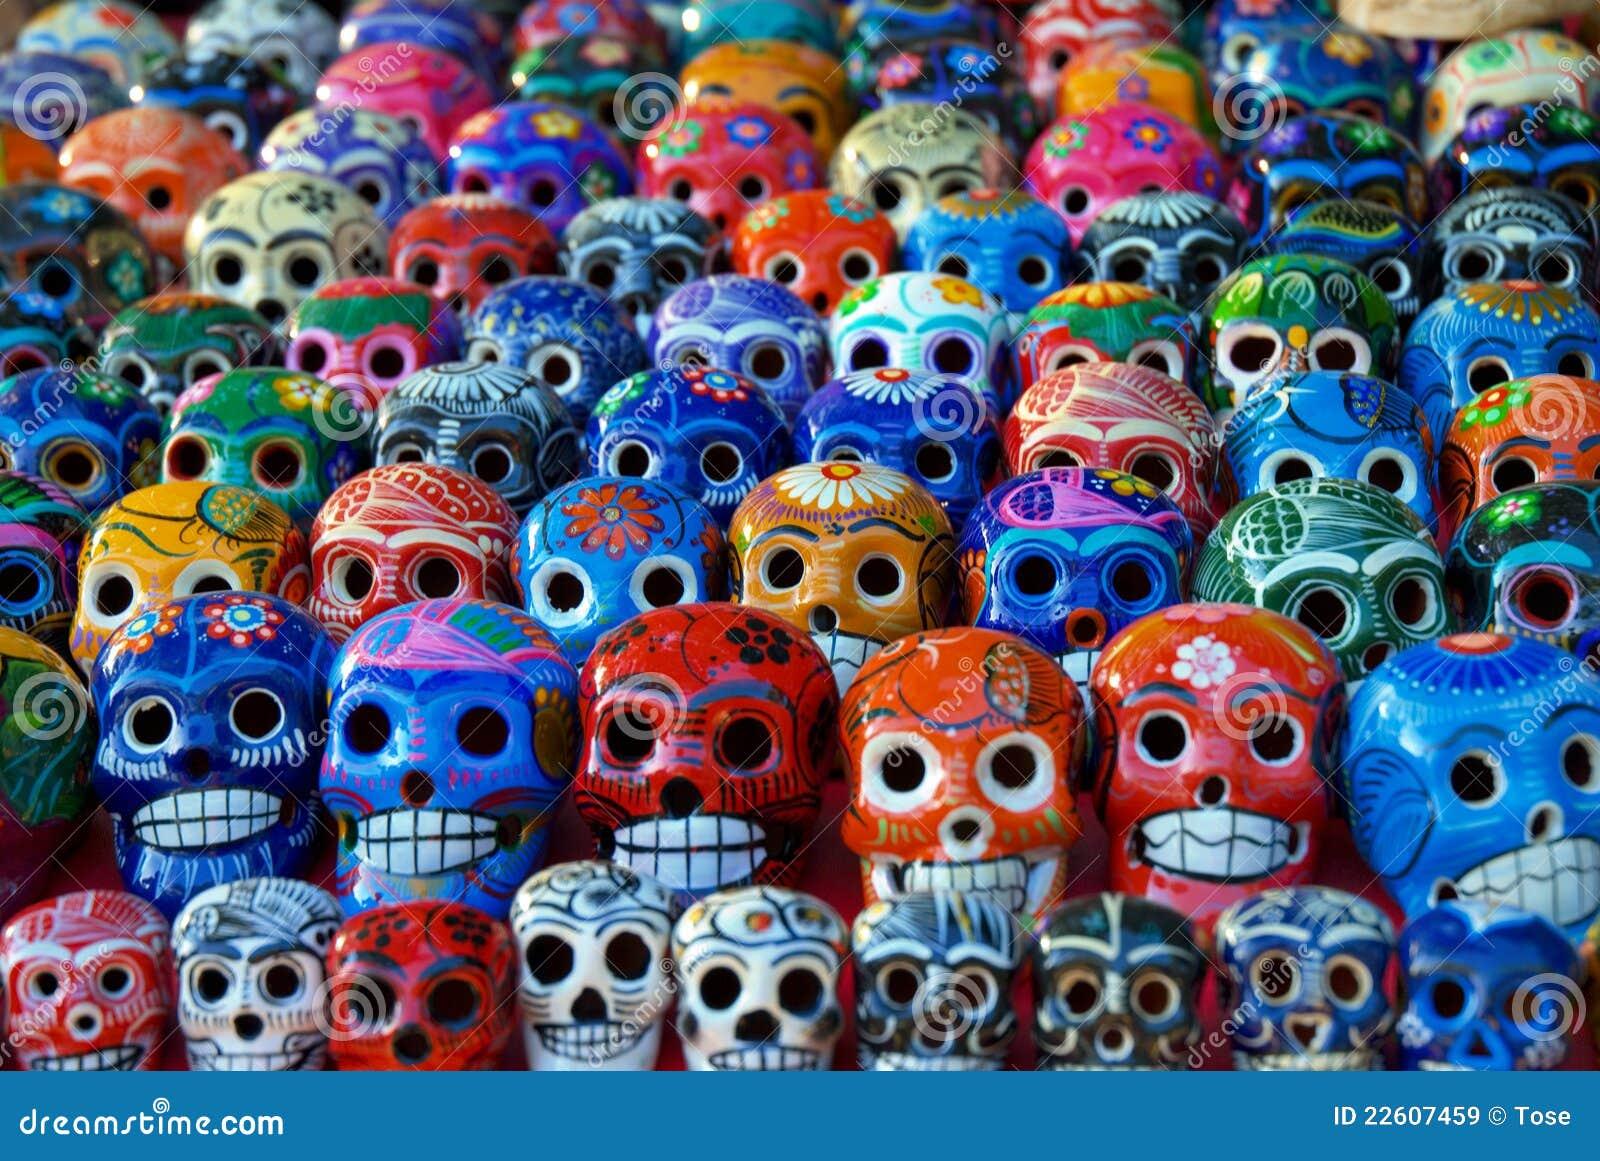 Crani di ceramica da vendere a Chichen Itza, Messico